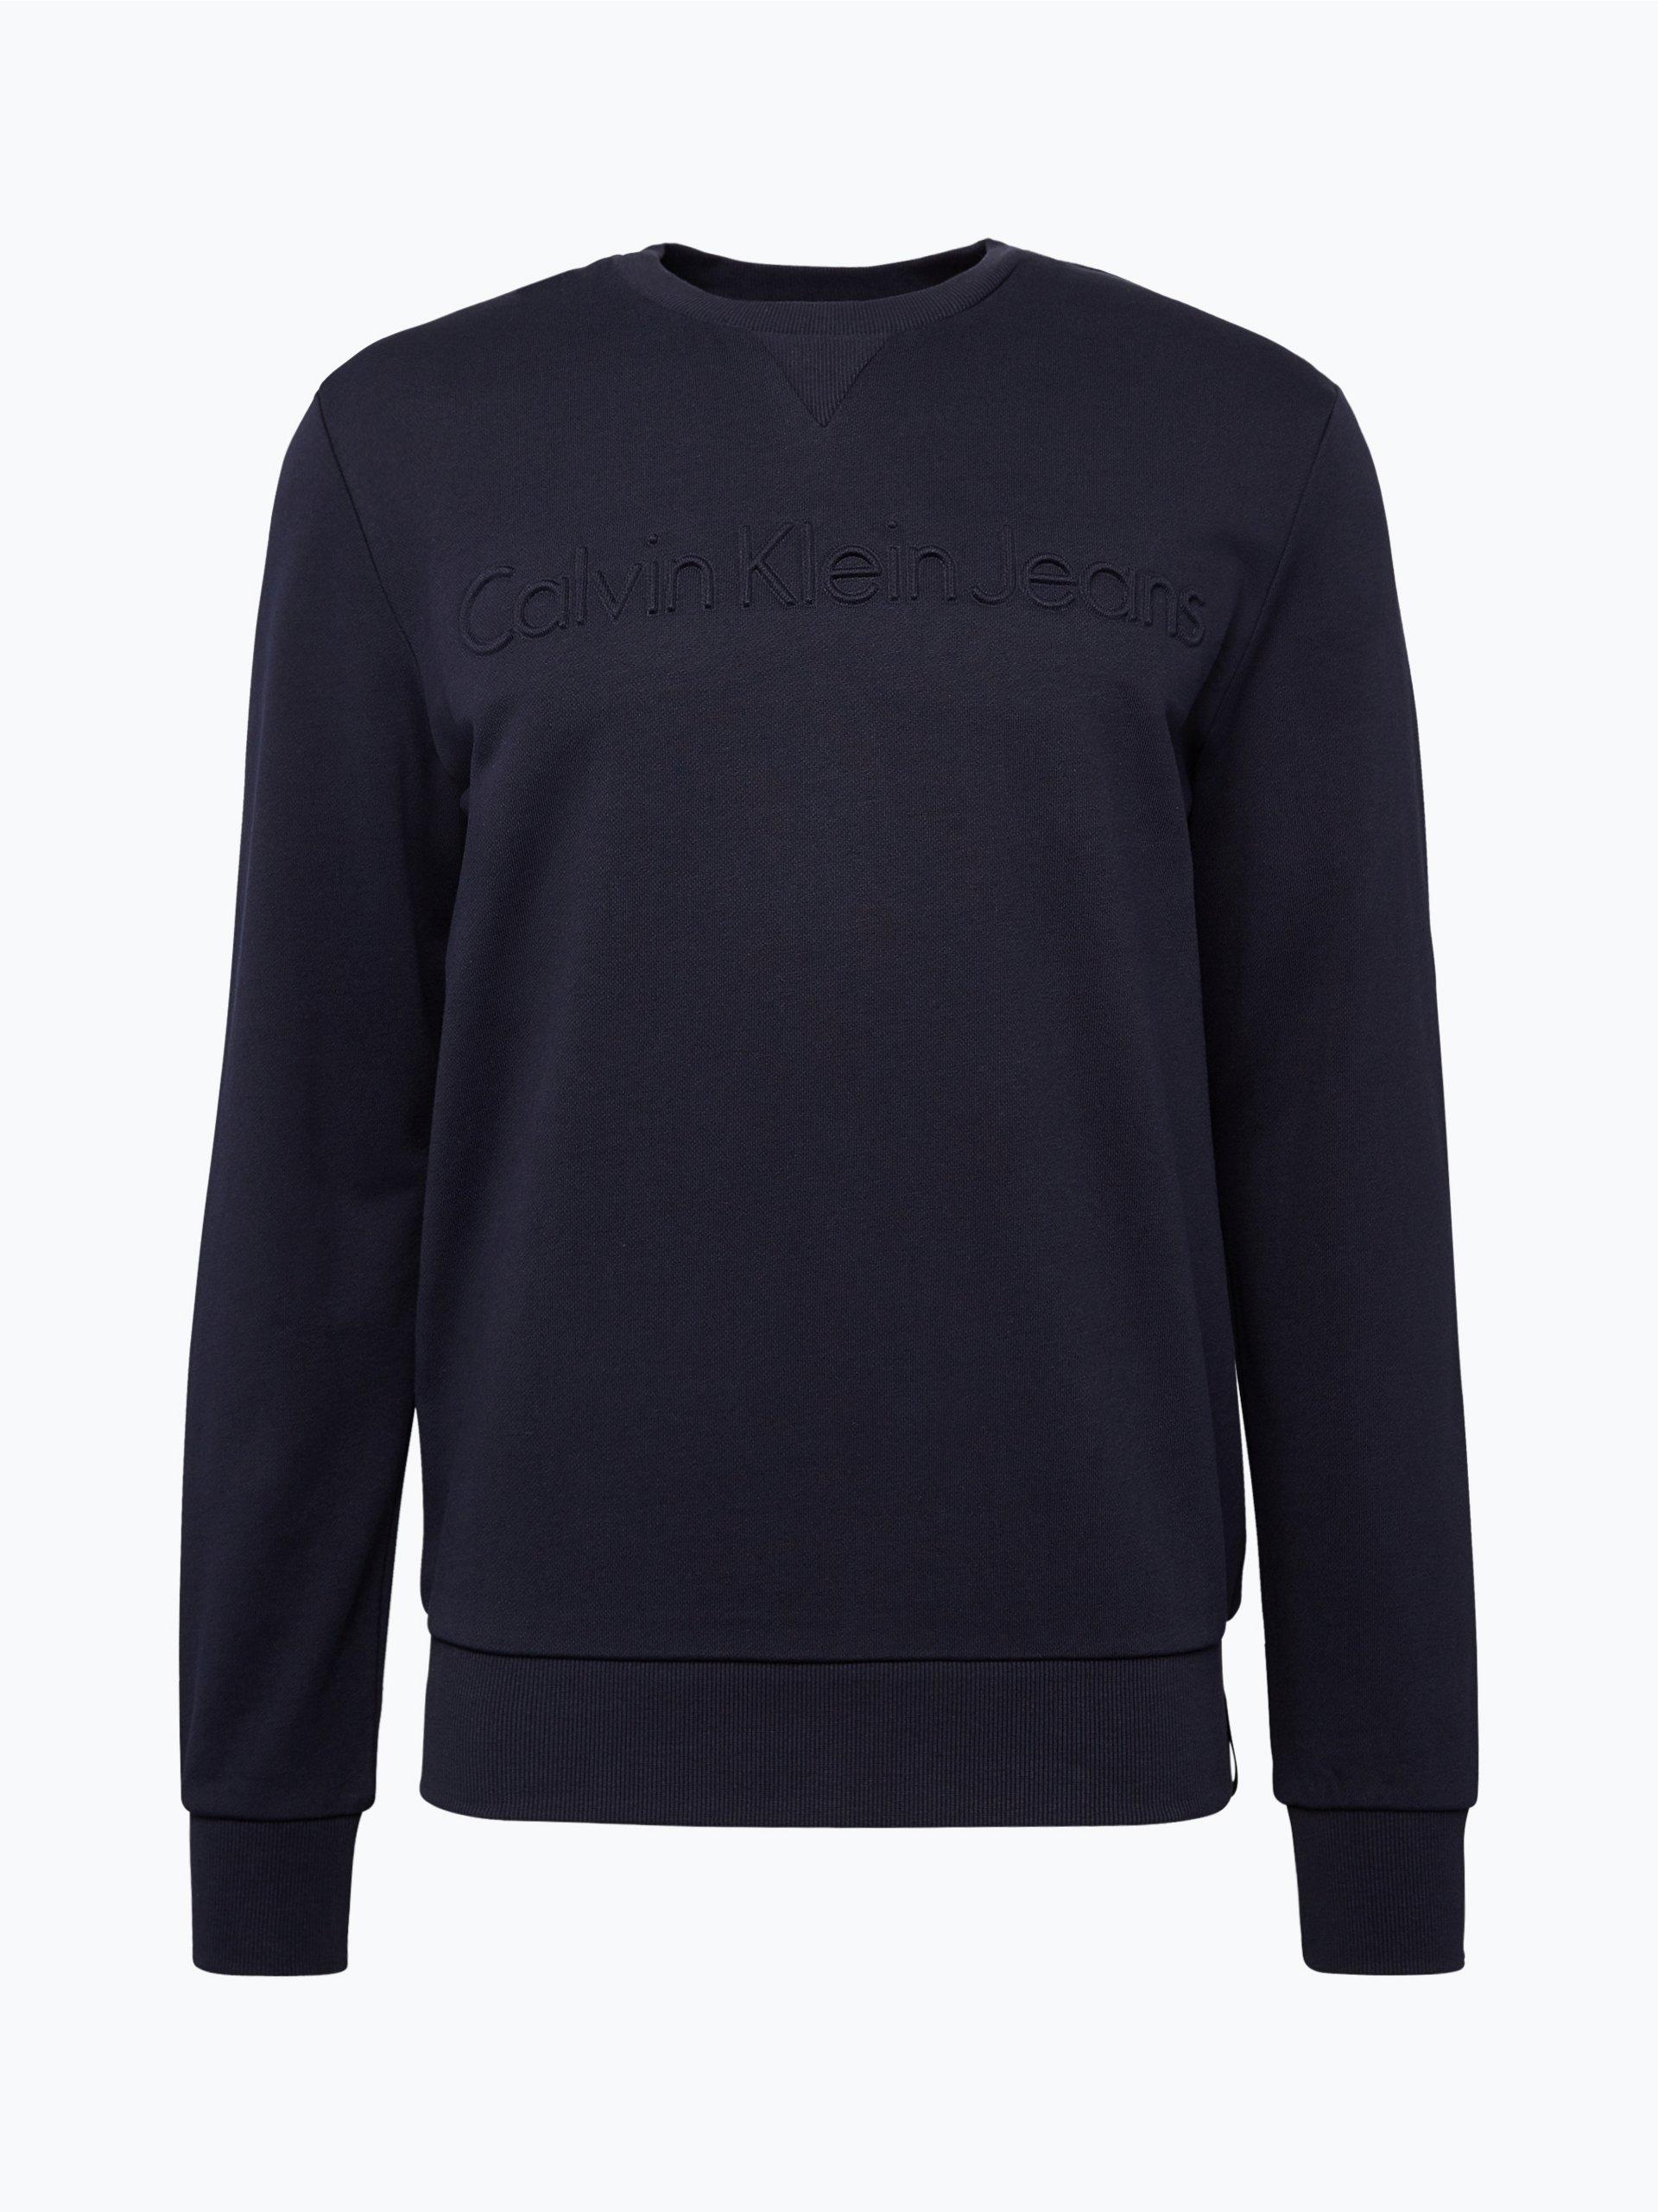 calvin klein jeans herren sweatshirt blau uni online kaufen peek und cloppenburg de. Black Bedroom Furniture Sets. Home Design Ideas